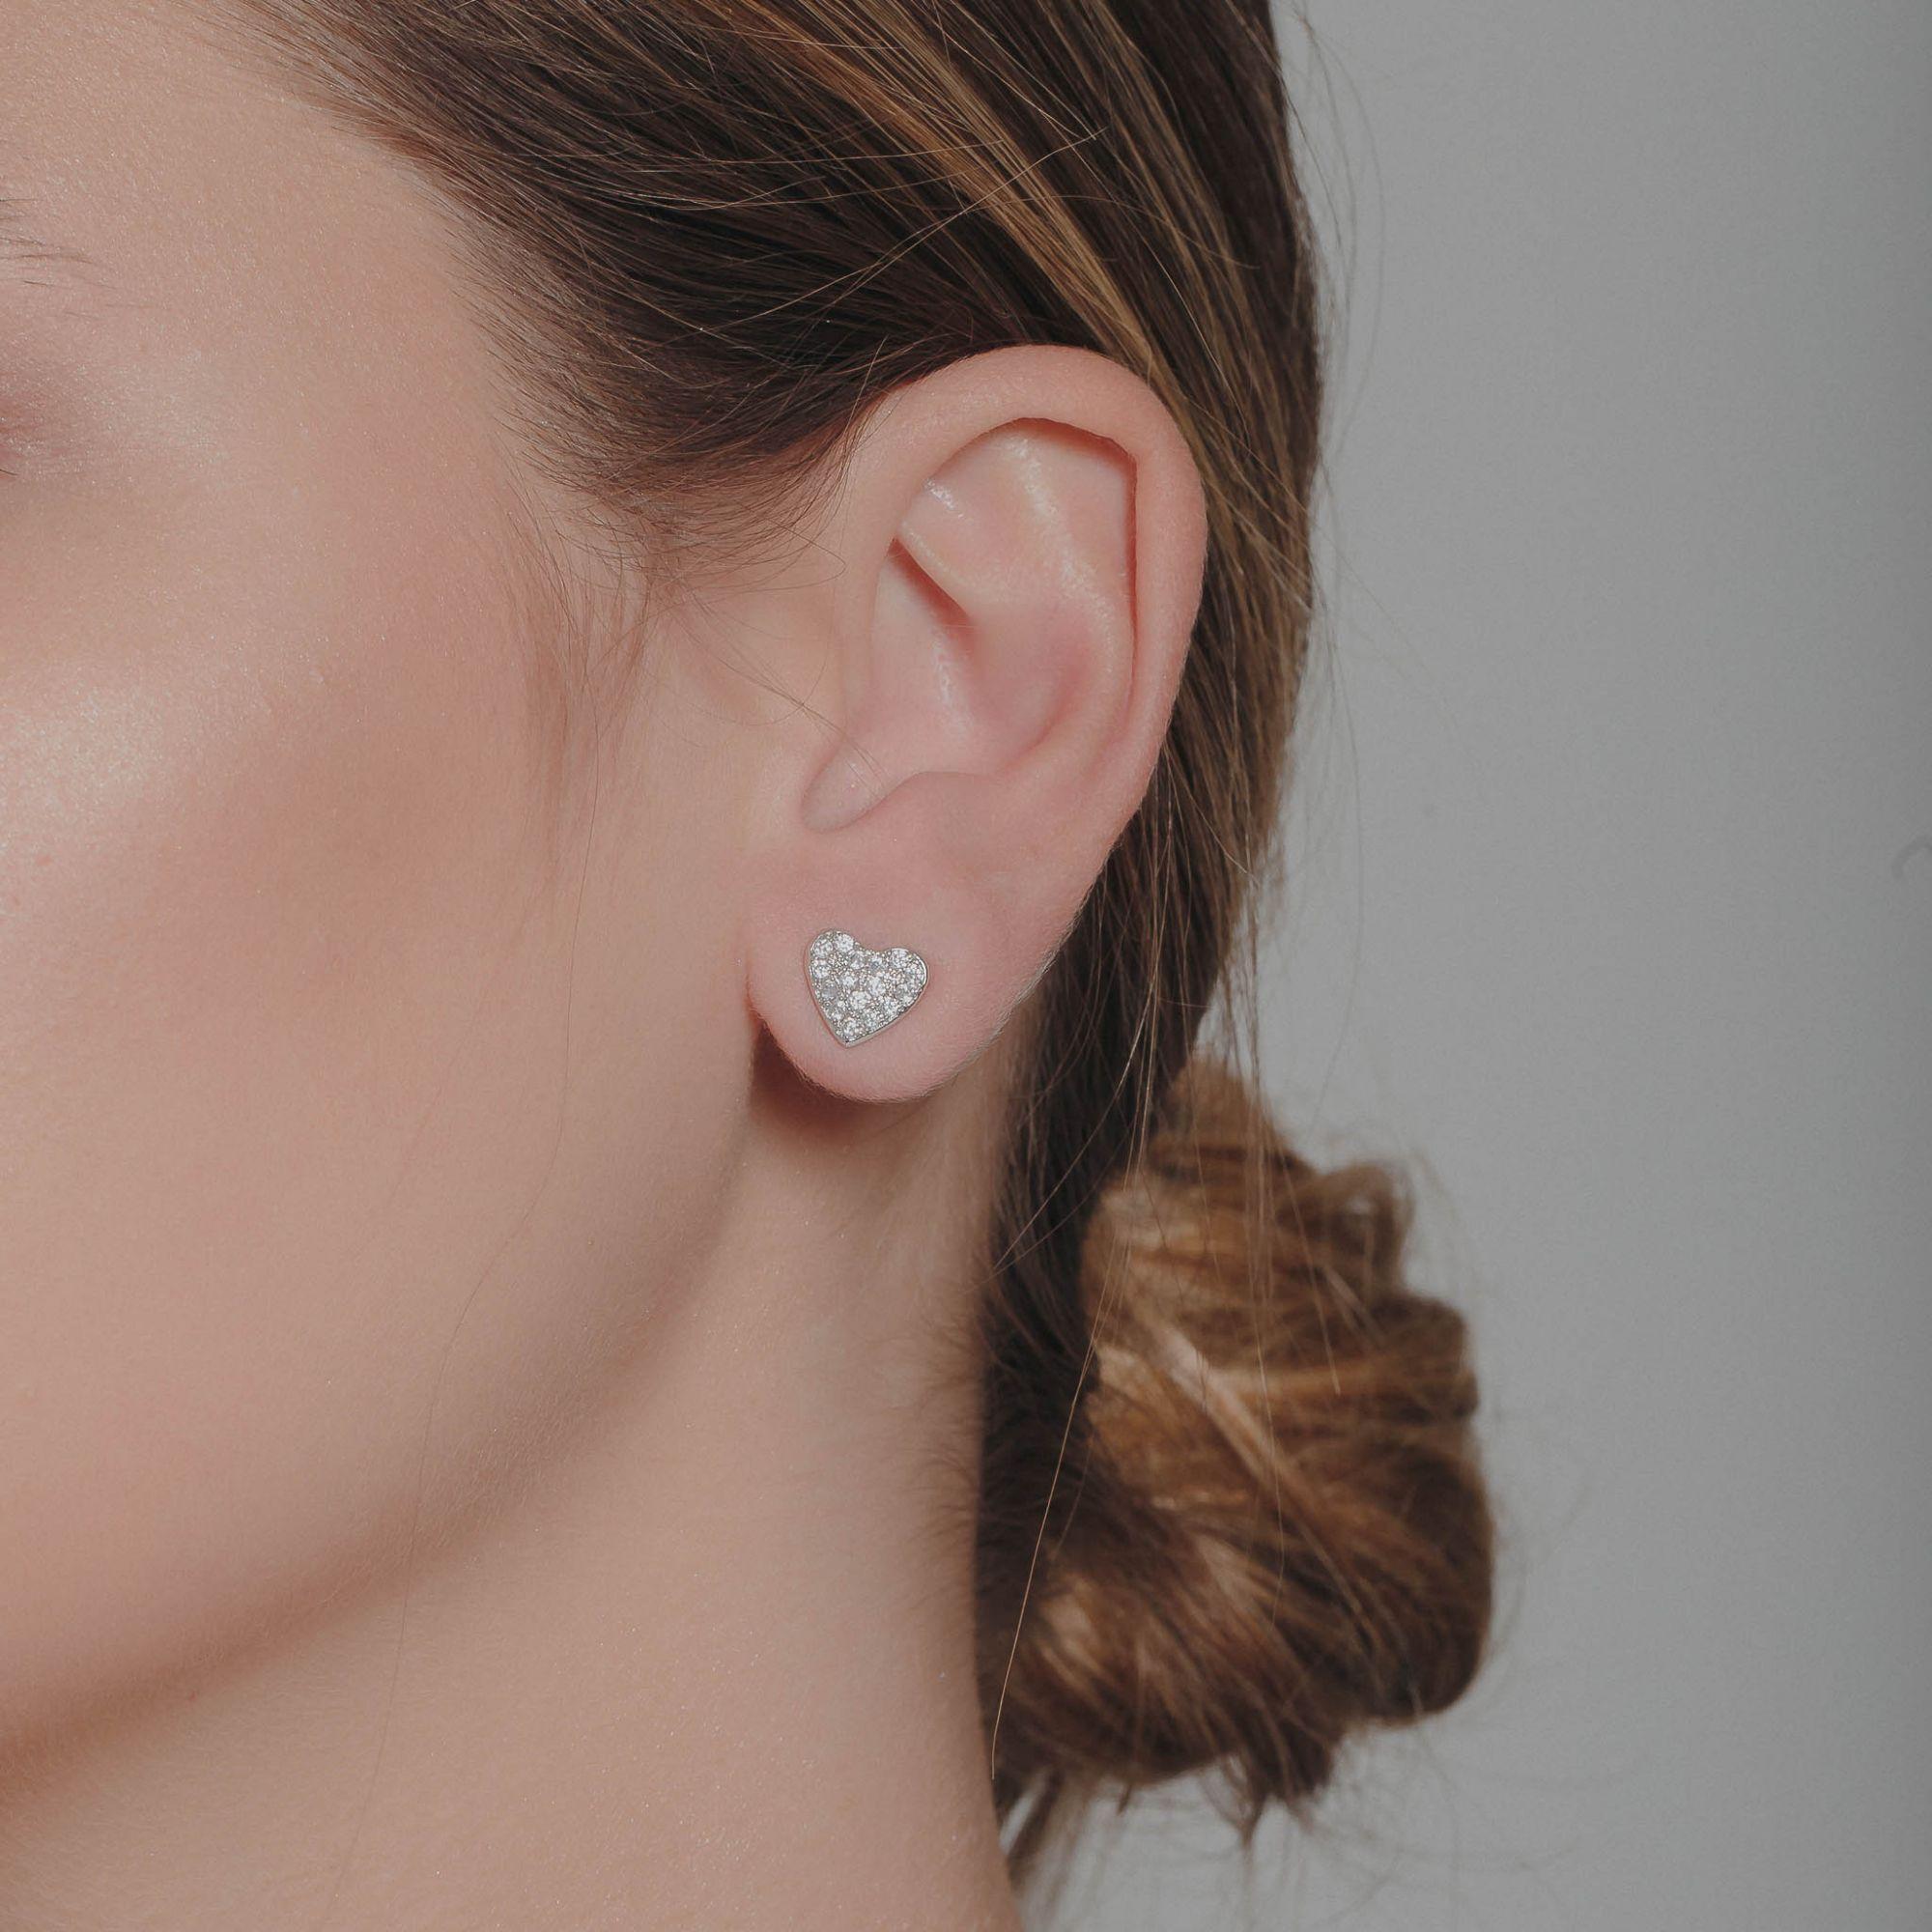 Brinco de coração com micro zircônias cristais banho de ródio branco.  - romabrazil.com.br